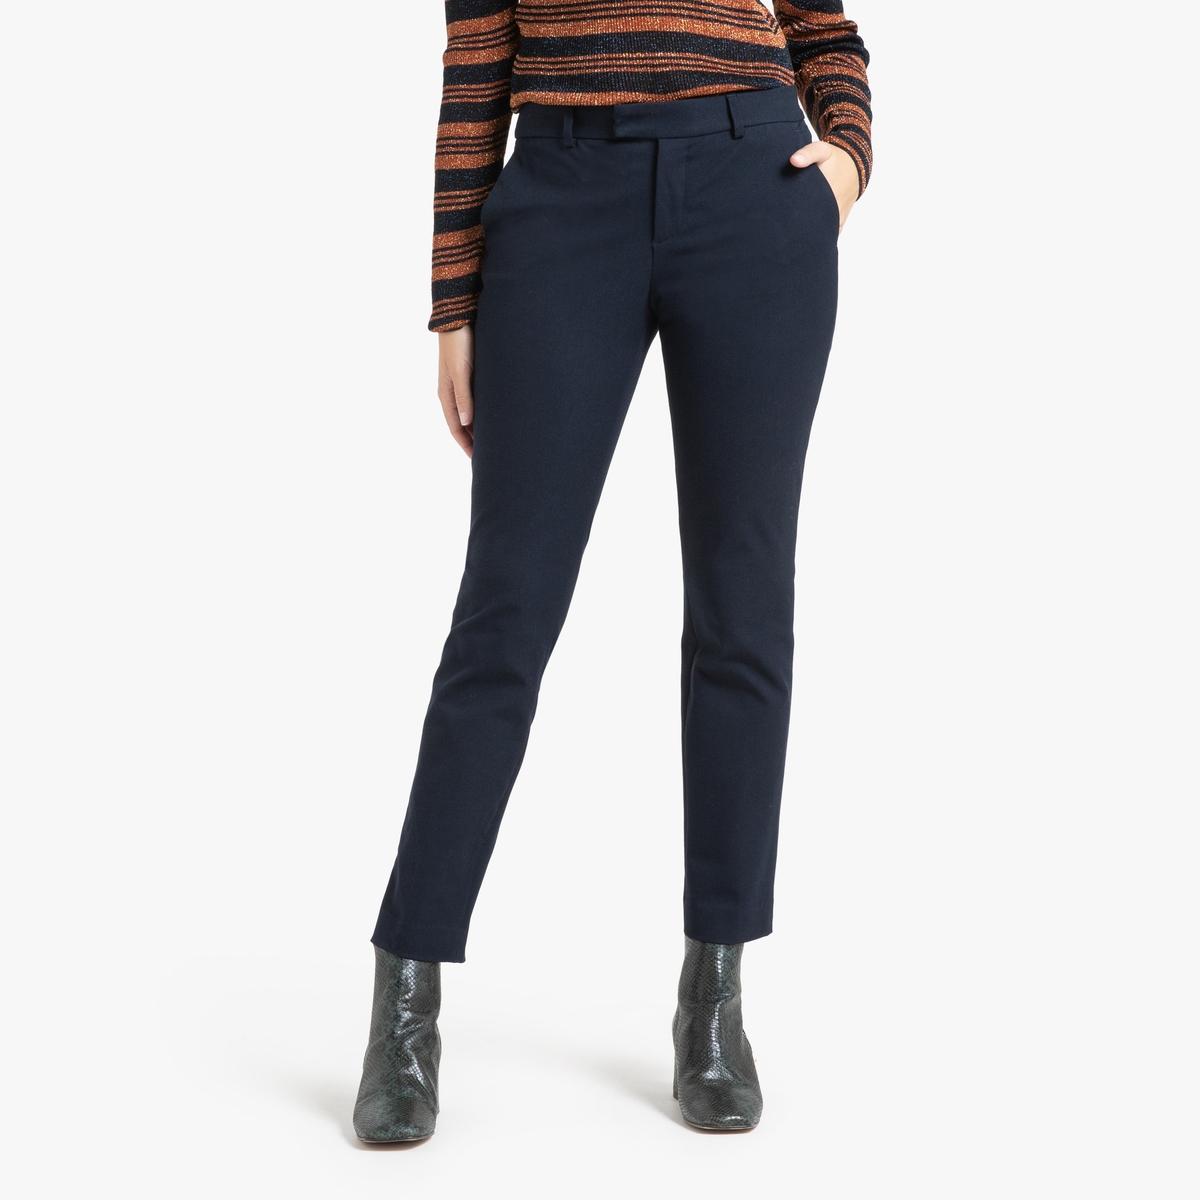 Брюки La Redoute Slim PALMORA 40 (FR) - 46 (RUS) синий брюки la redoute узкие дудочки с жаккардовым рисунком 50 fr 56 rus черный